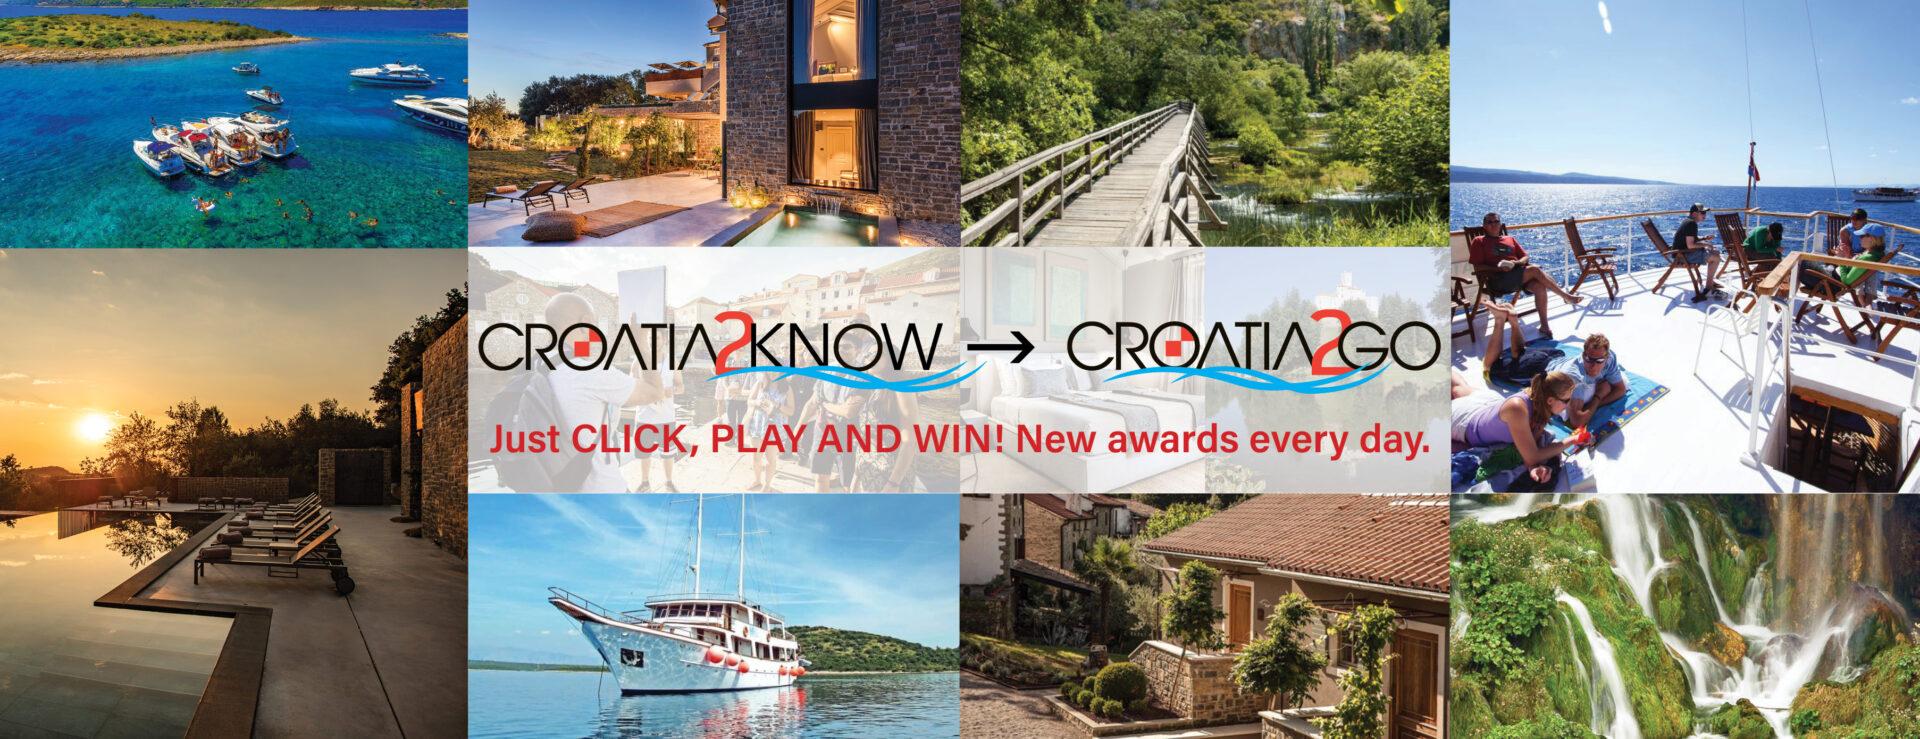 Header Croatia2go.com